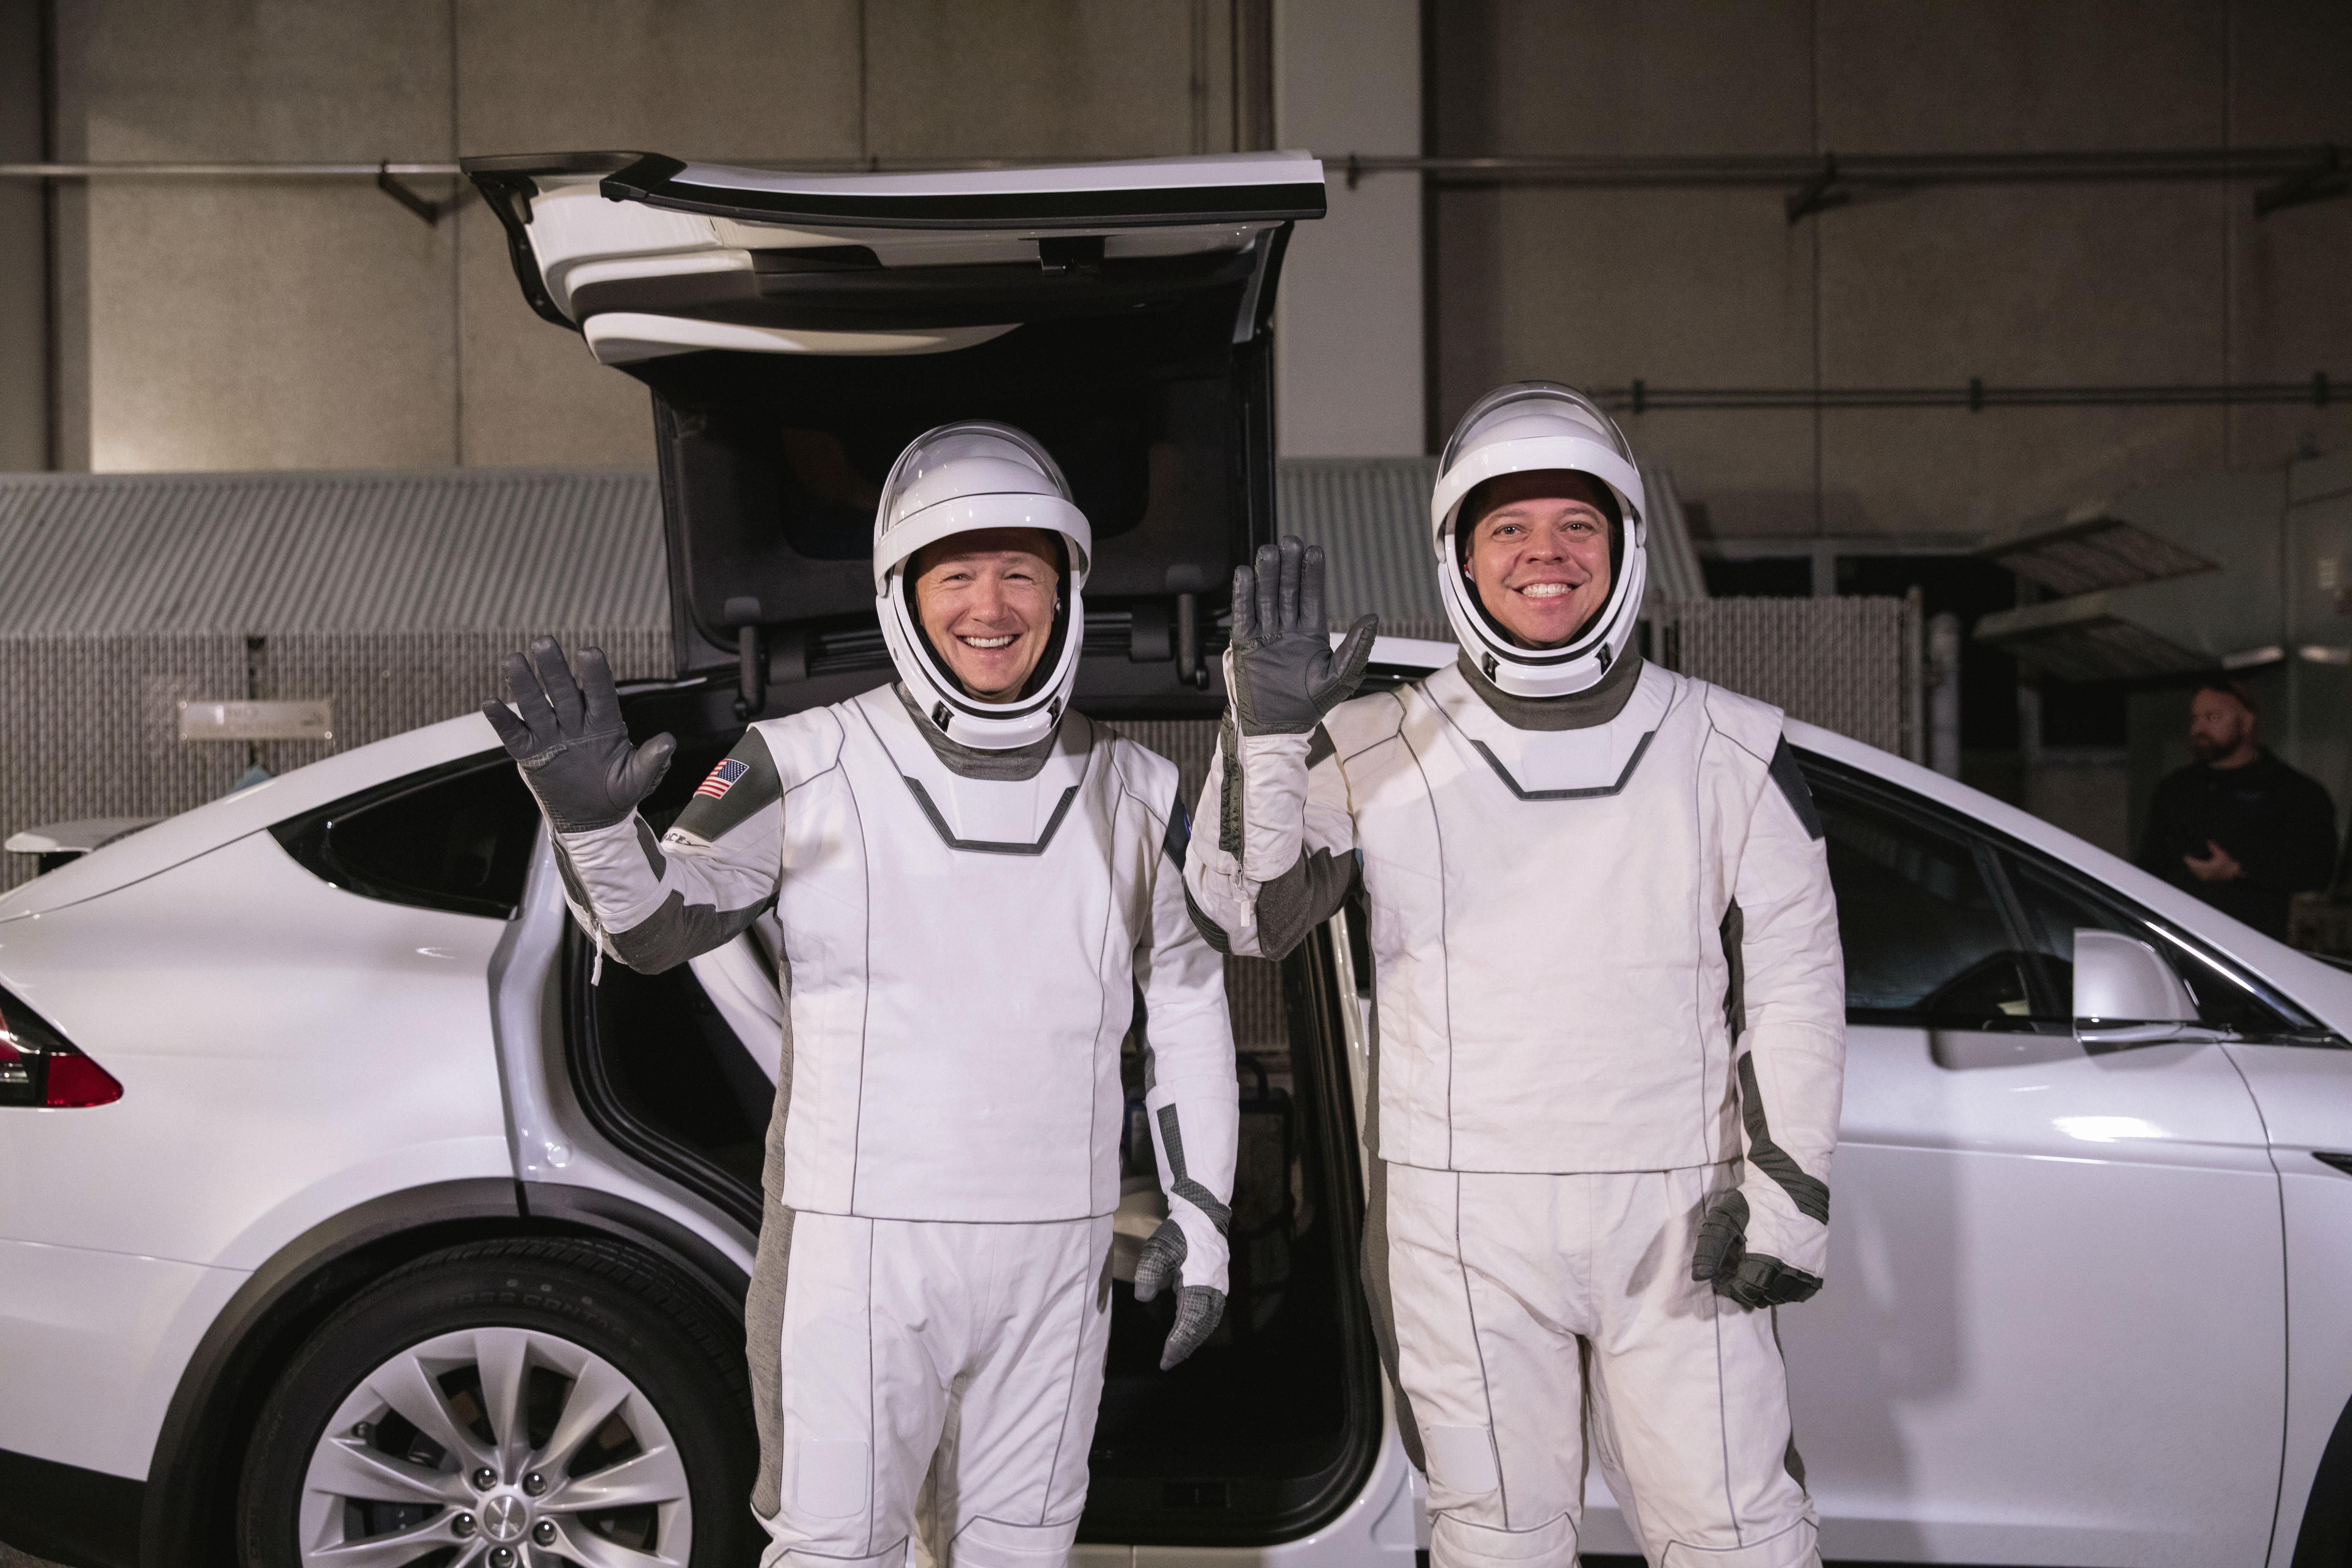 En esta fotografía del viernes 17 de enero de 2020 proporcionada por la NASA, los astronautas Doug Hurley (izquierda) y Robert Behnken posan frente al automóvil eléctrico Model X de Tesla durante un ensayo de lanzamiento en el Centro Espacial Kennedy, en Cabo Cañaveral, Florida.